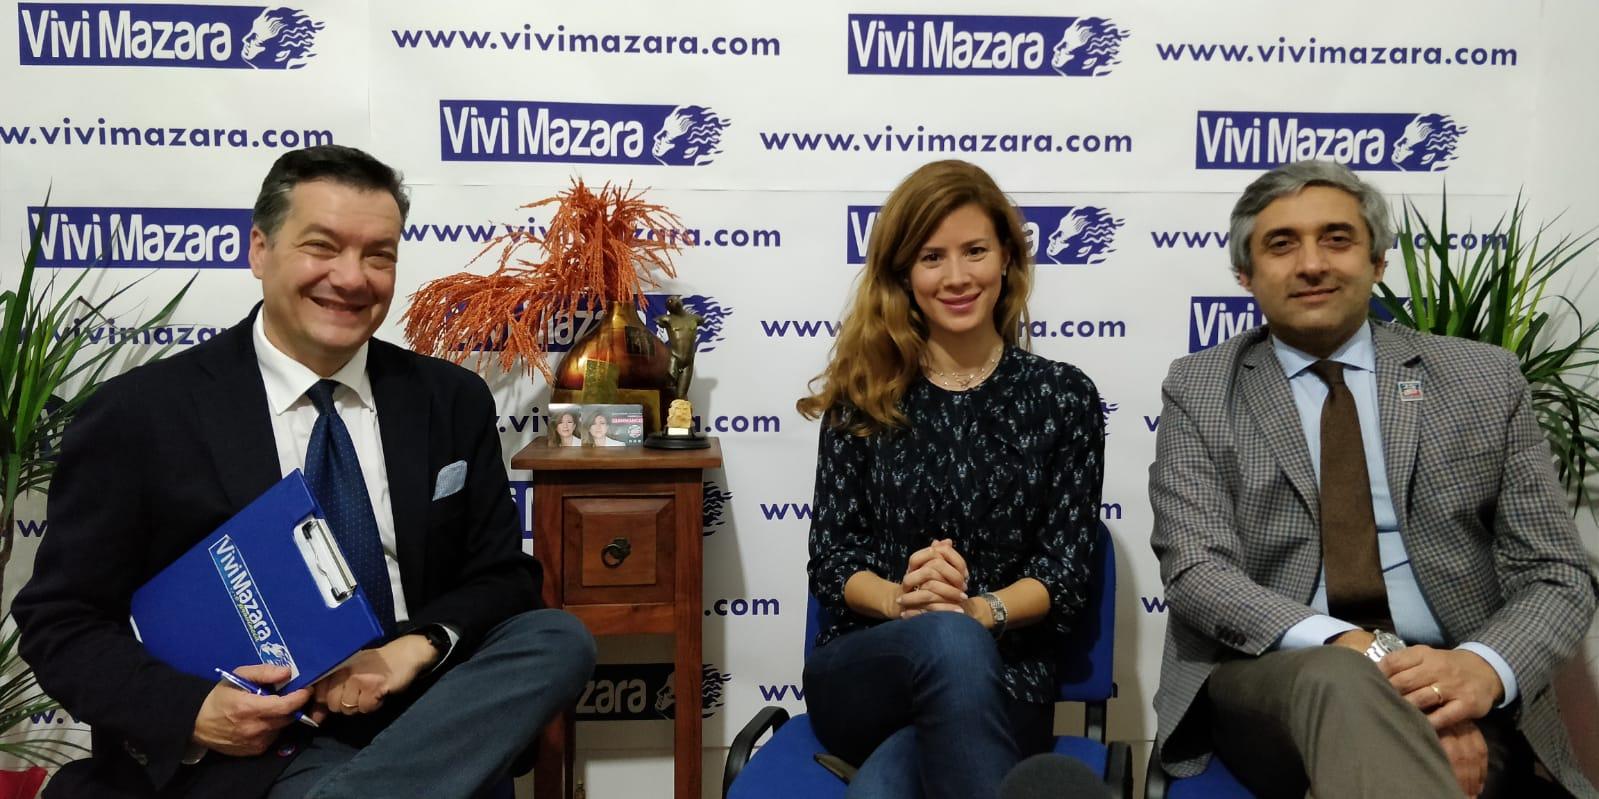 INFORMAZIONE ELETTORALE. ELEZIONI EUROPEE: INTERVISTA CON LA SENATRICE GABRIELLA GIAMMANCO E L'ON. TONI SCILLA